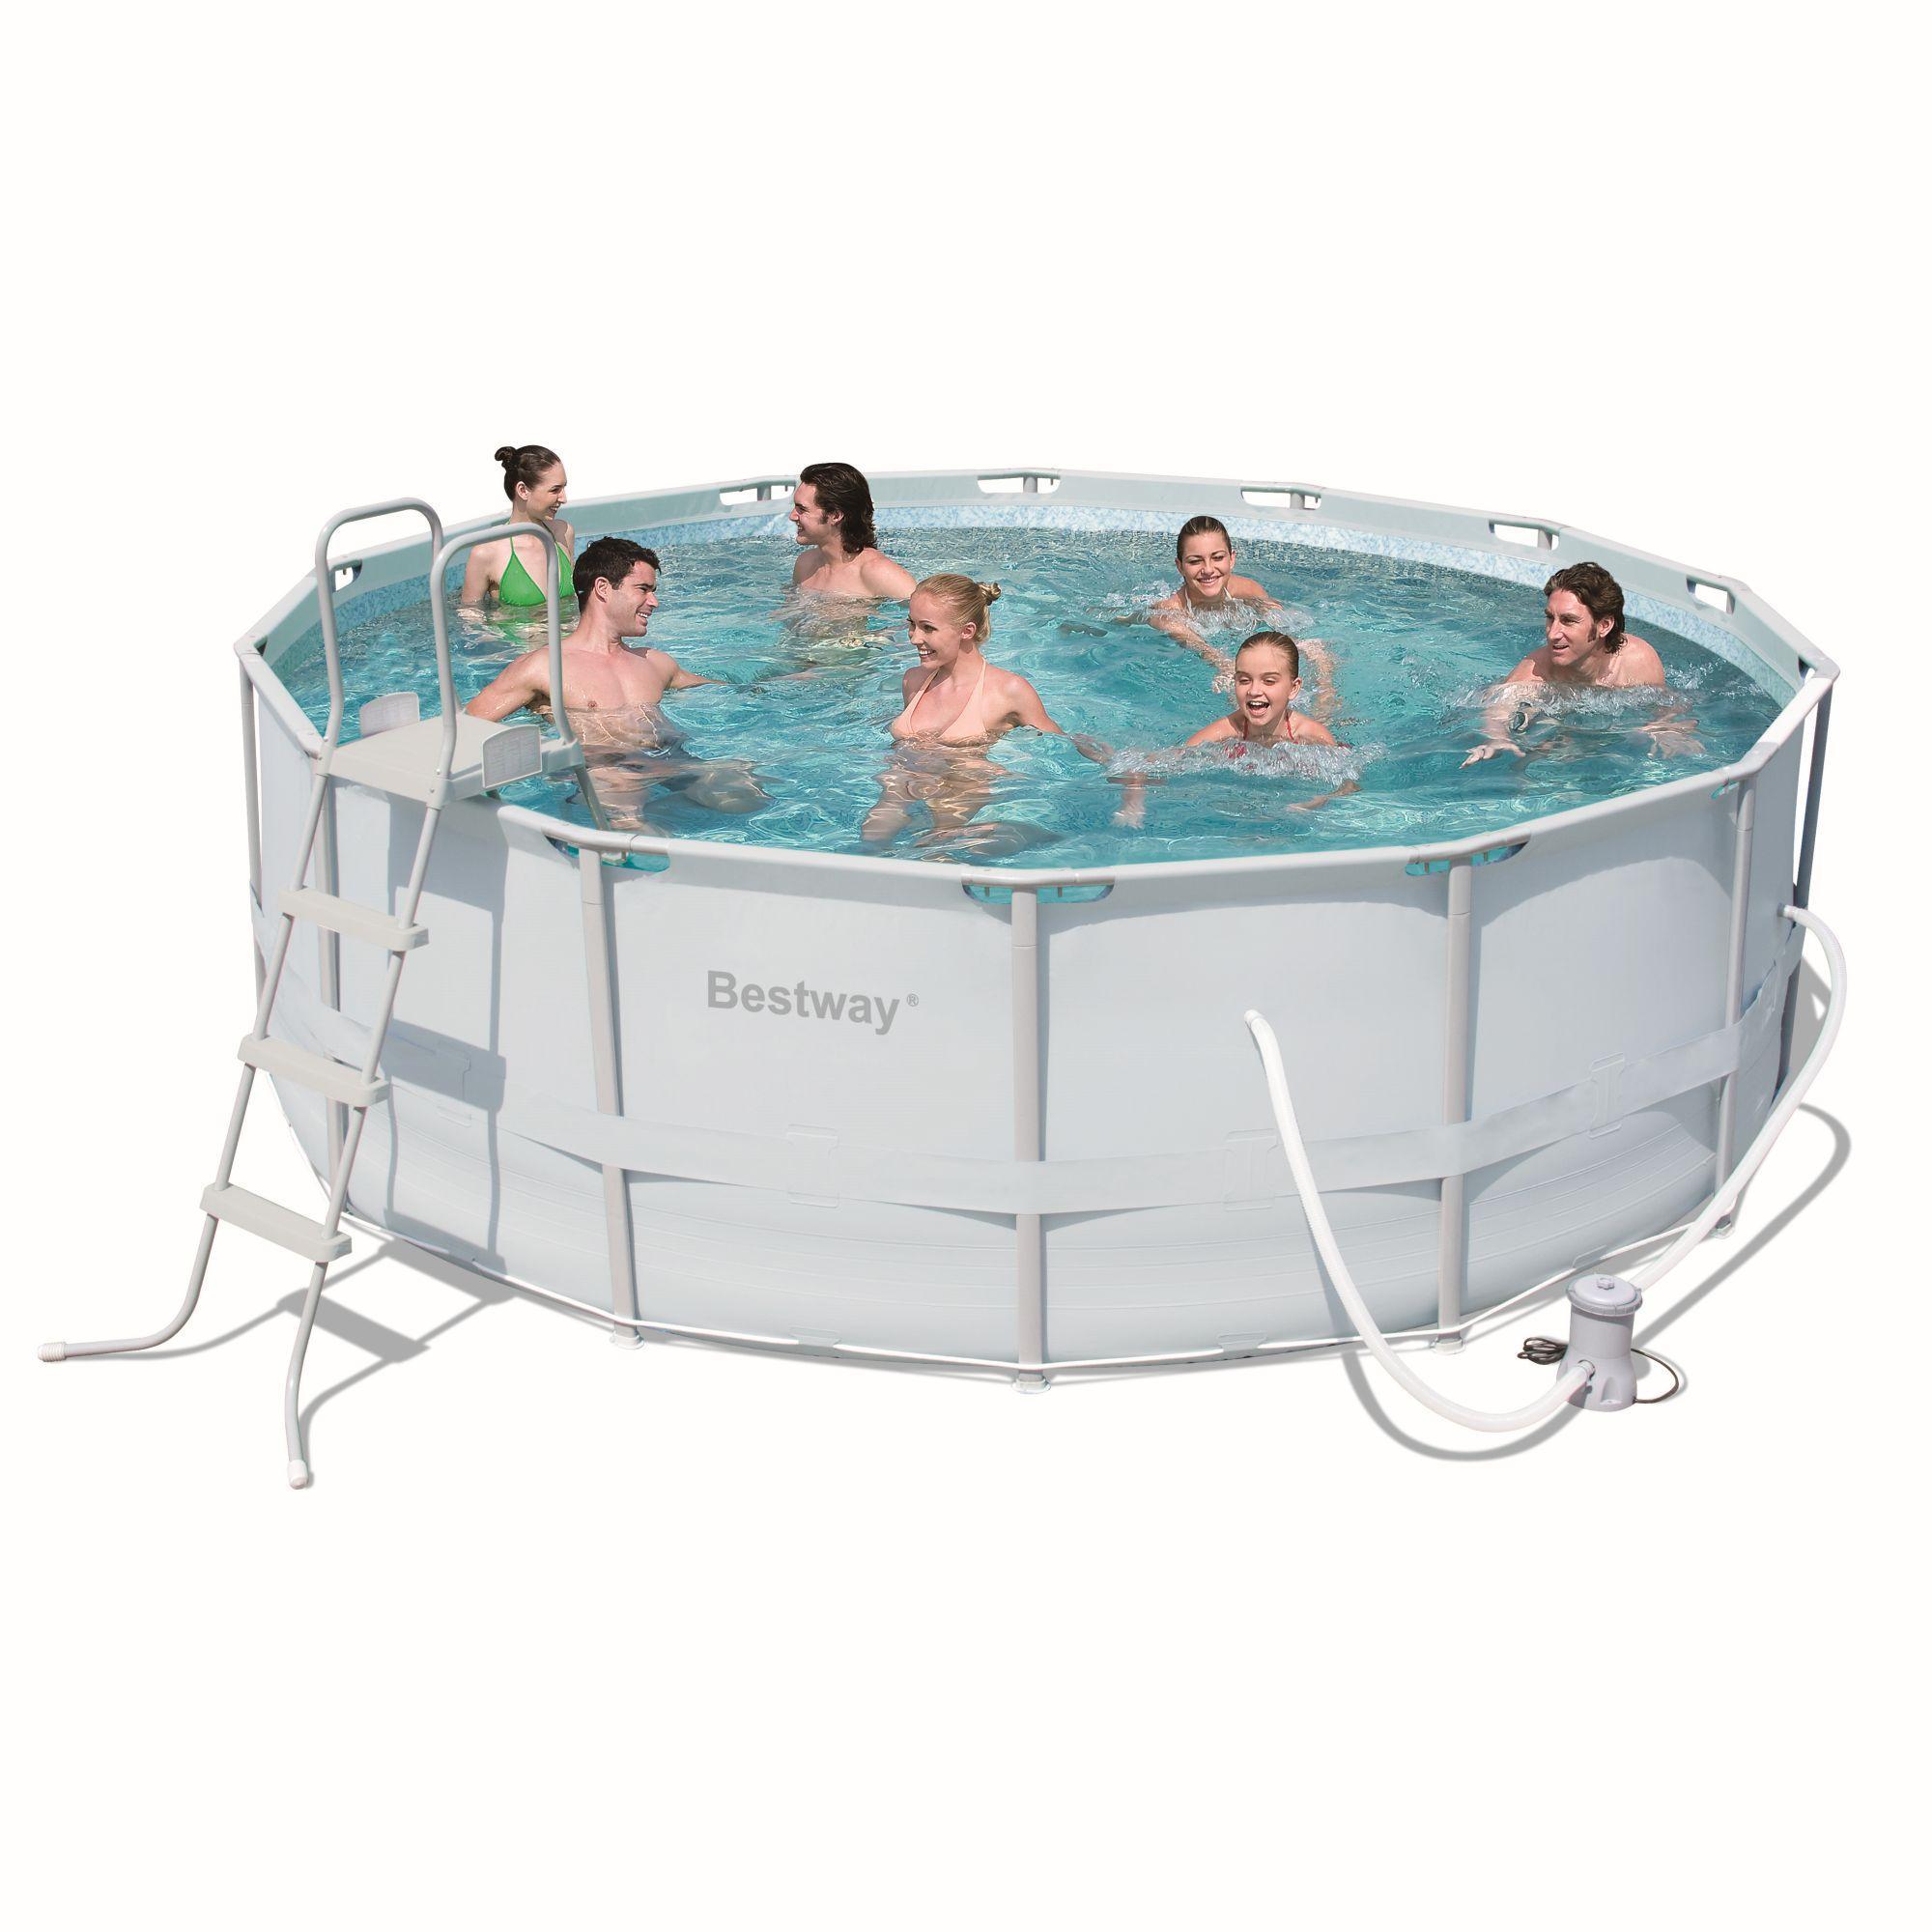 Foto piscina desmontable 412x201x122 56244 foto for Piscinas bestway catalogo